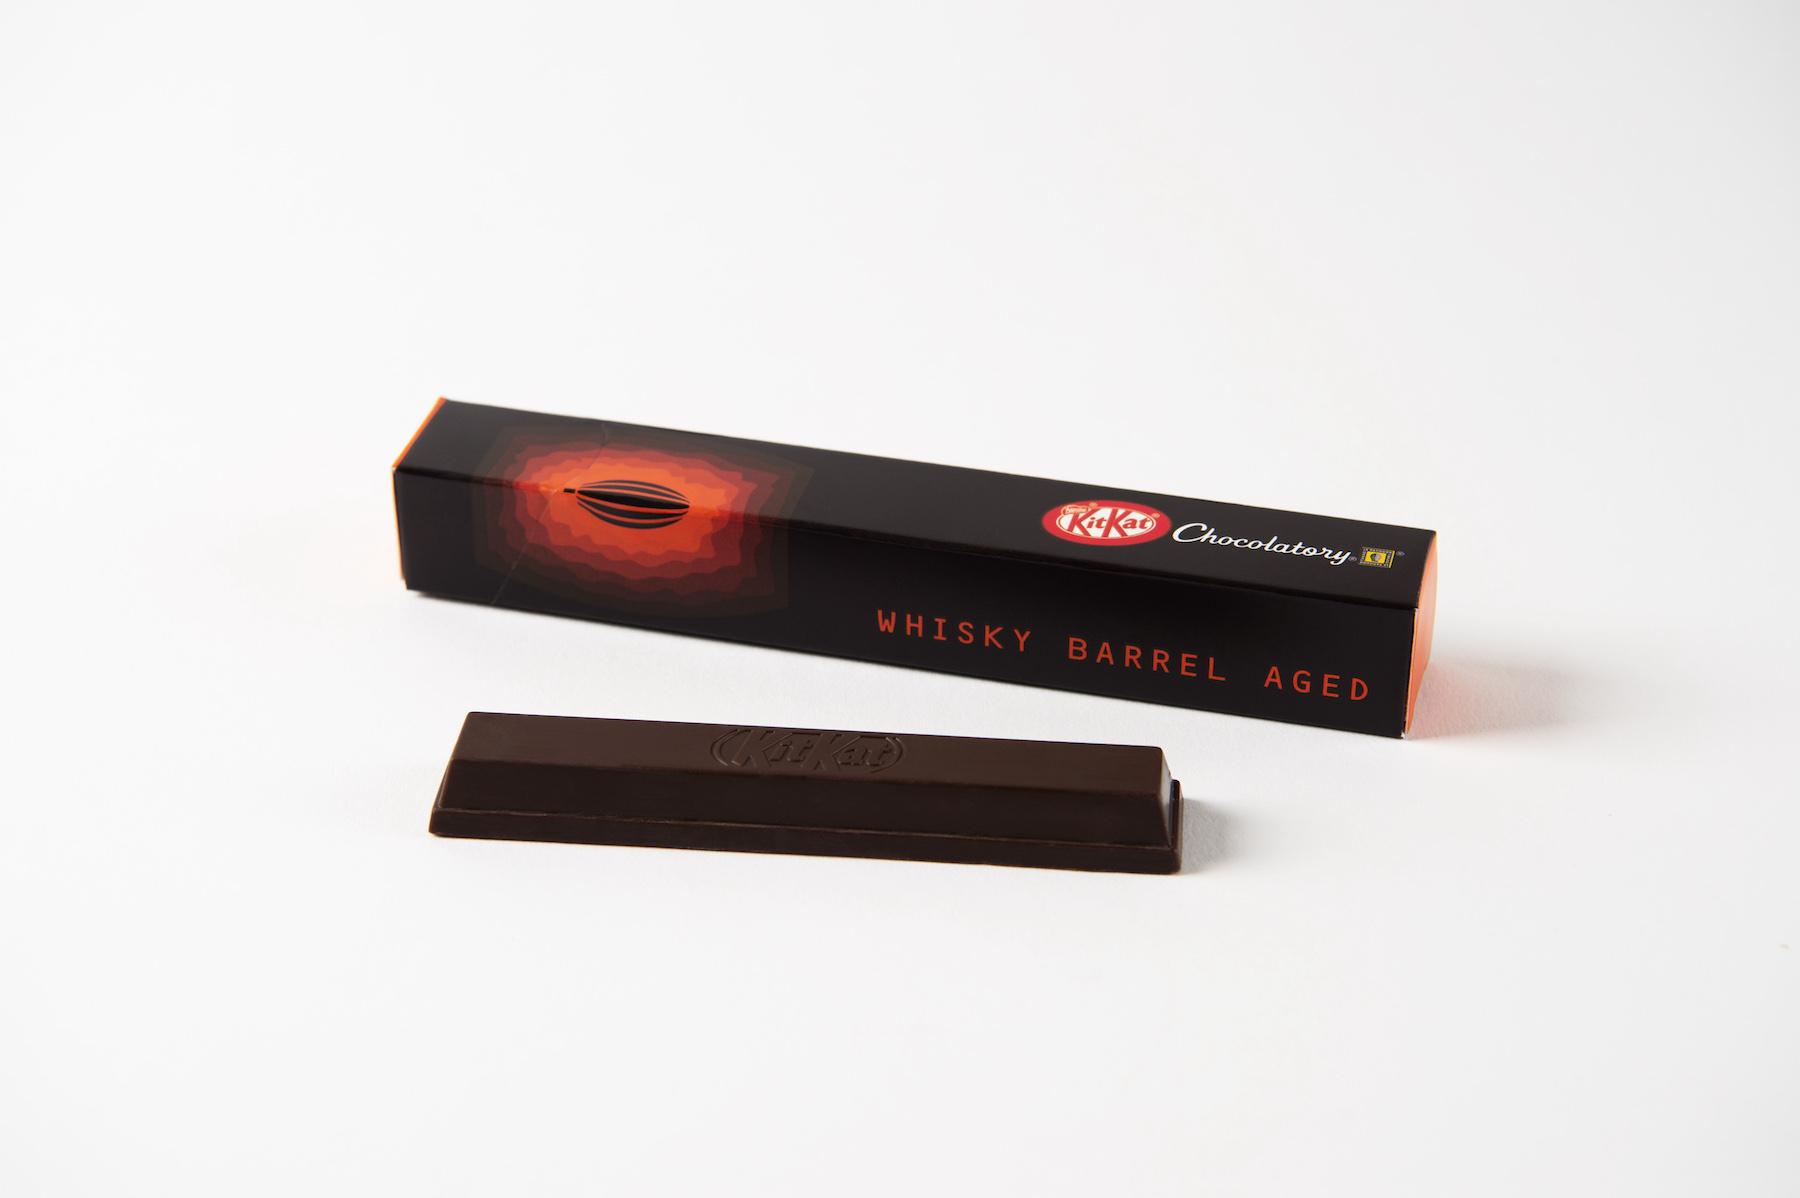 Kit Kat lance une barre de chocolat vieillie en fût de whisky pendant 180 jours